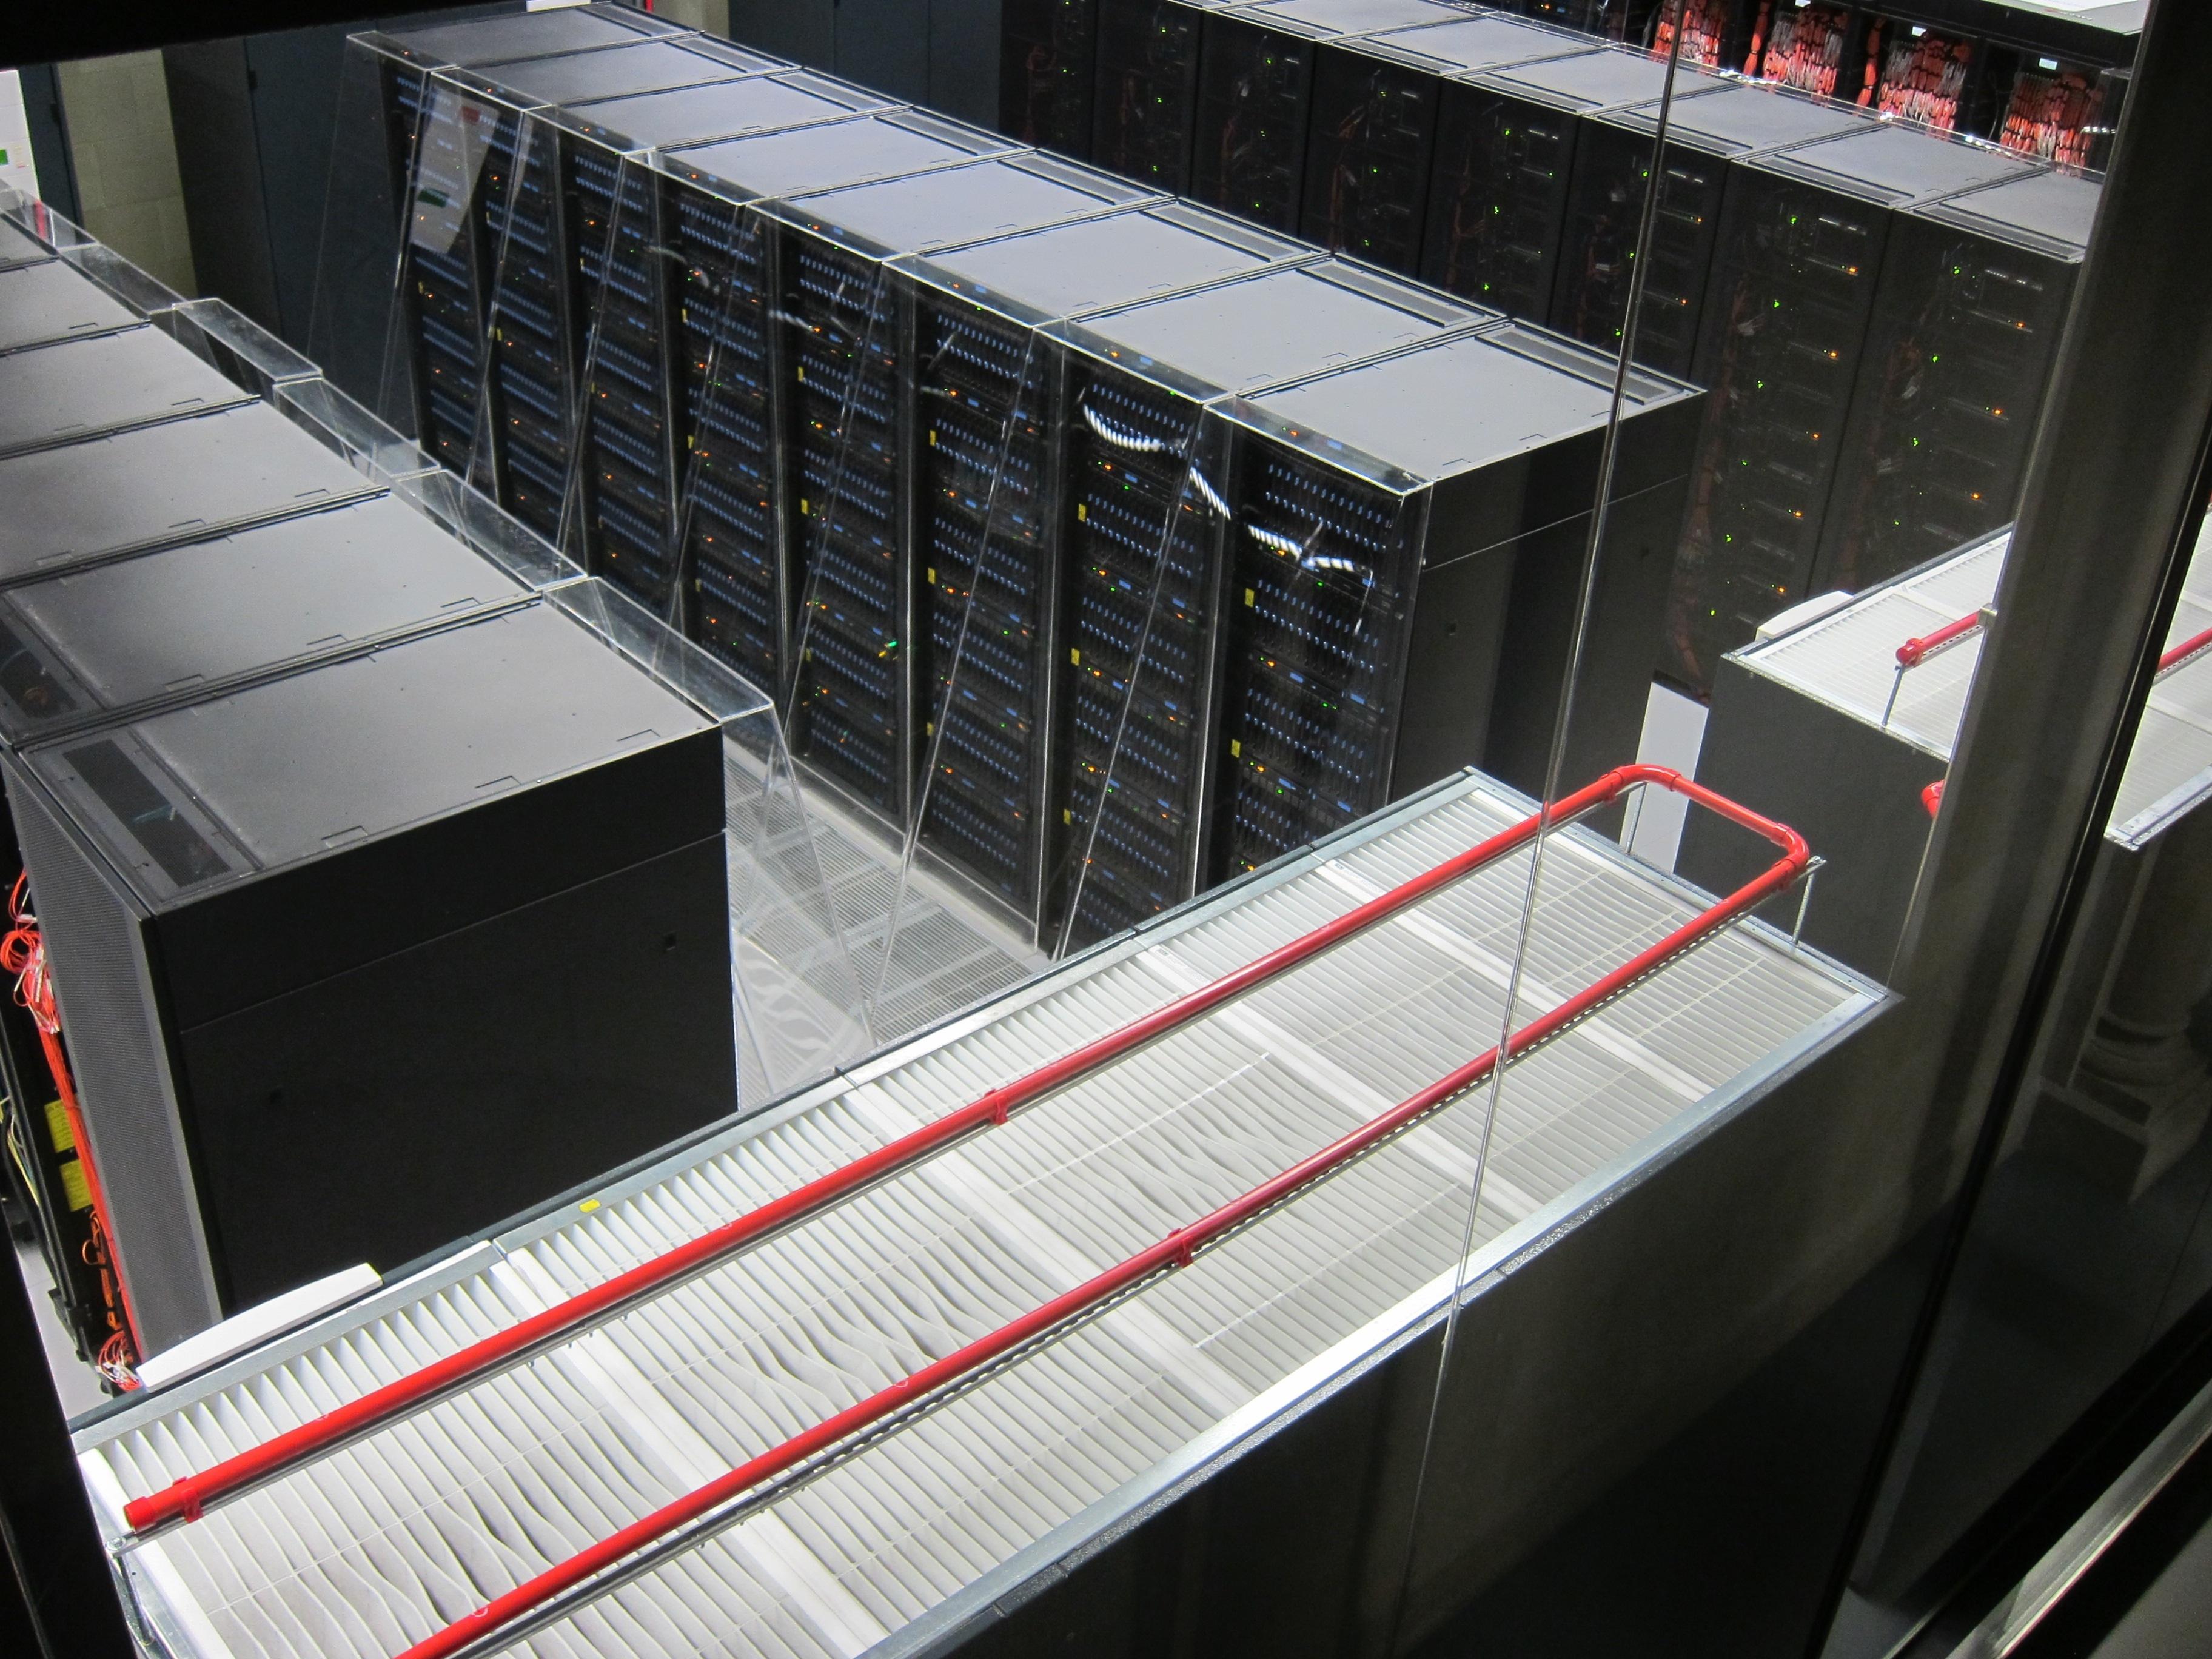 Las fundaciones que gestionan los servicios de supercomputación de Extremadura y Castilla y León firman un convenio